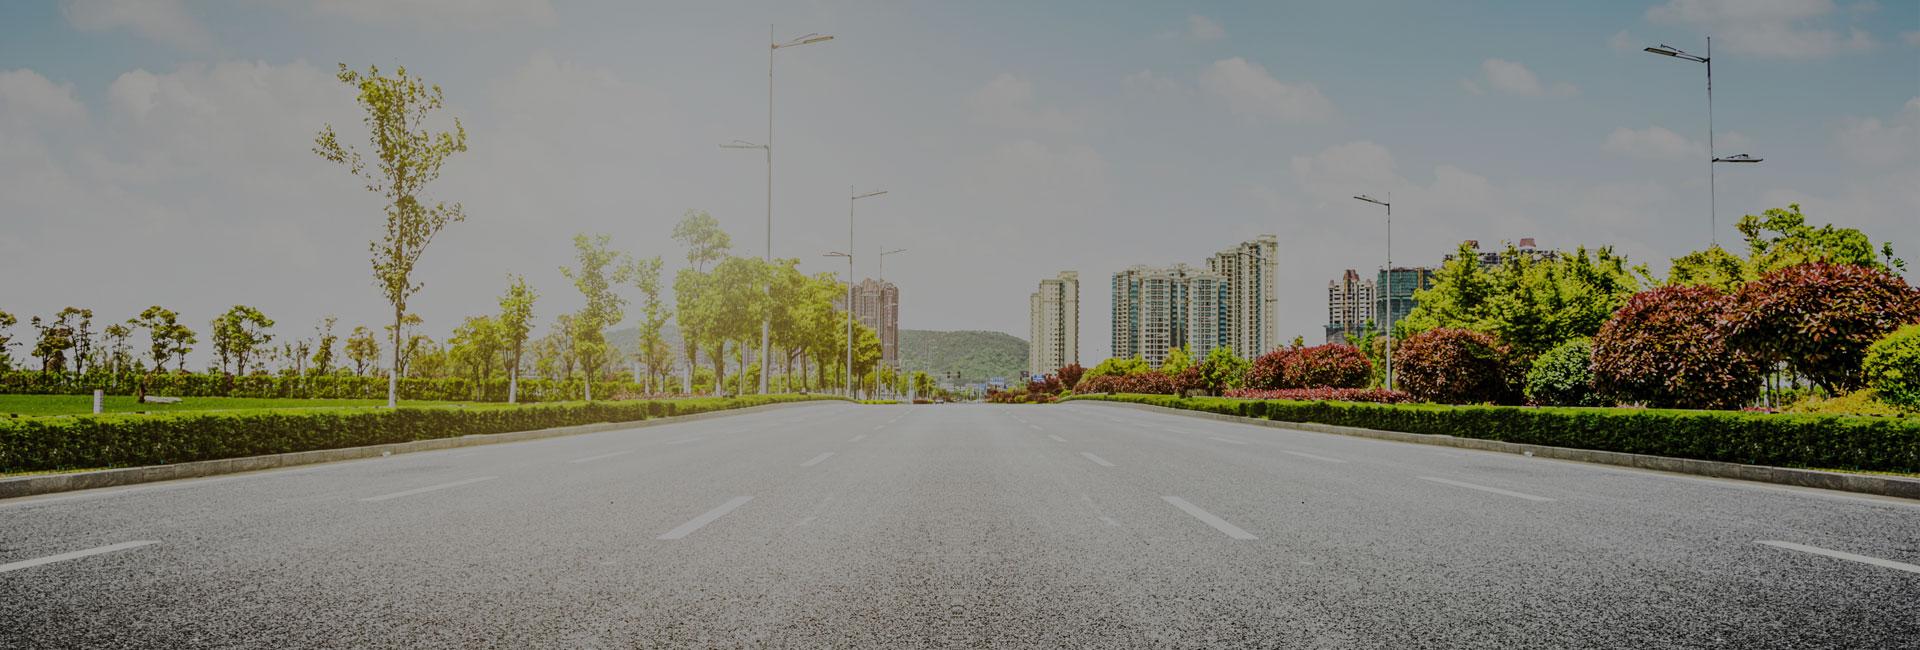 Learn Driving in Bengaluru